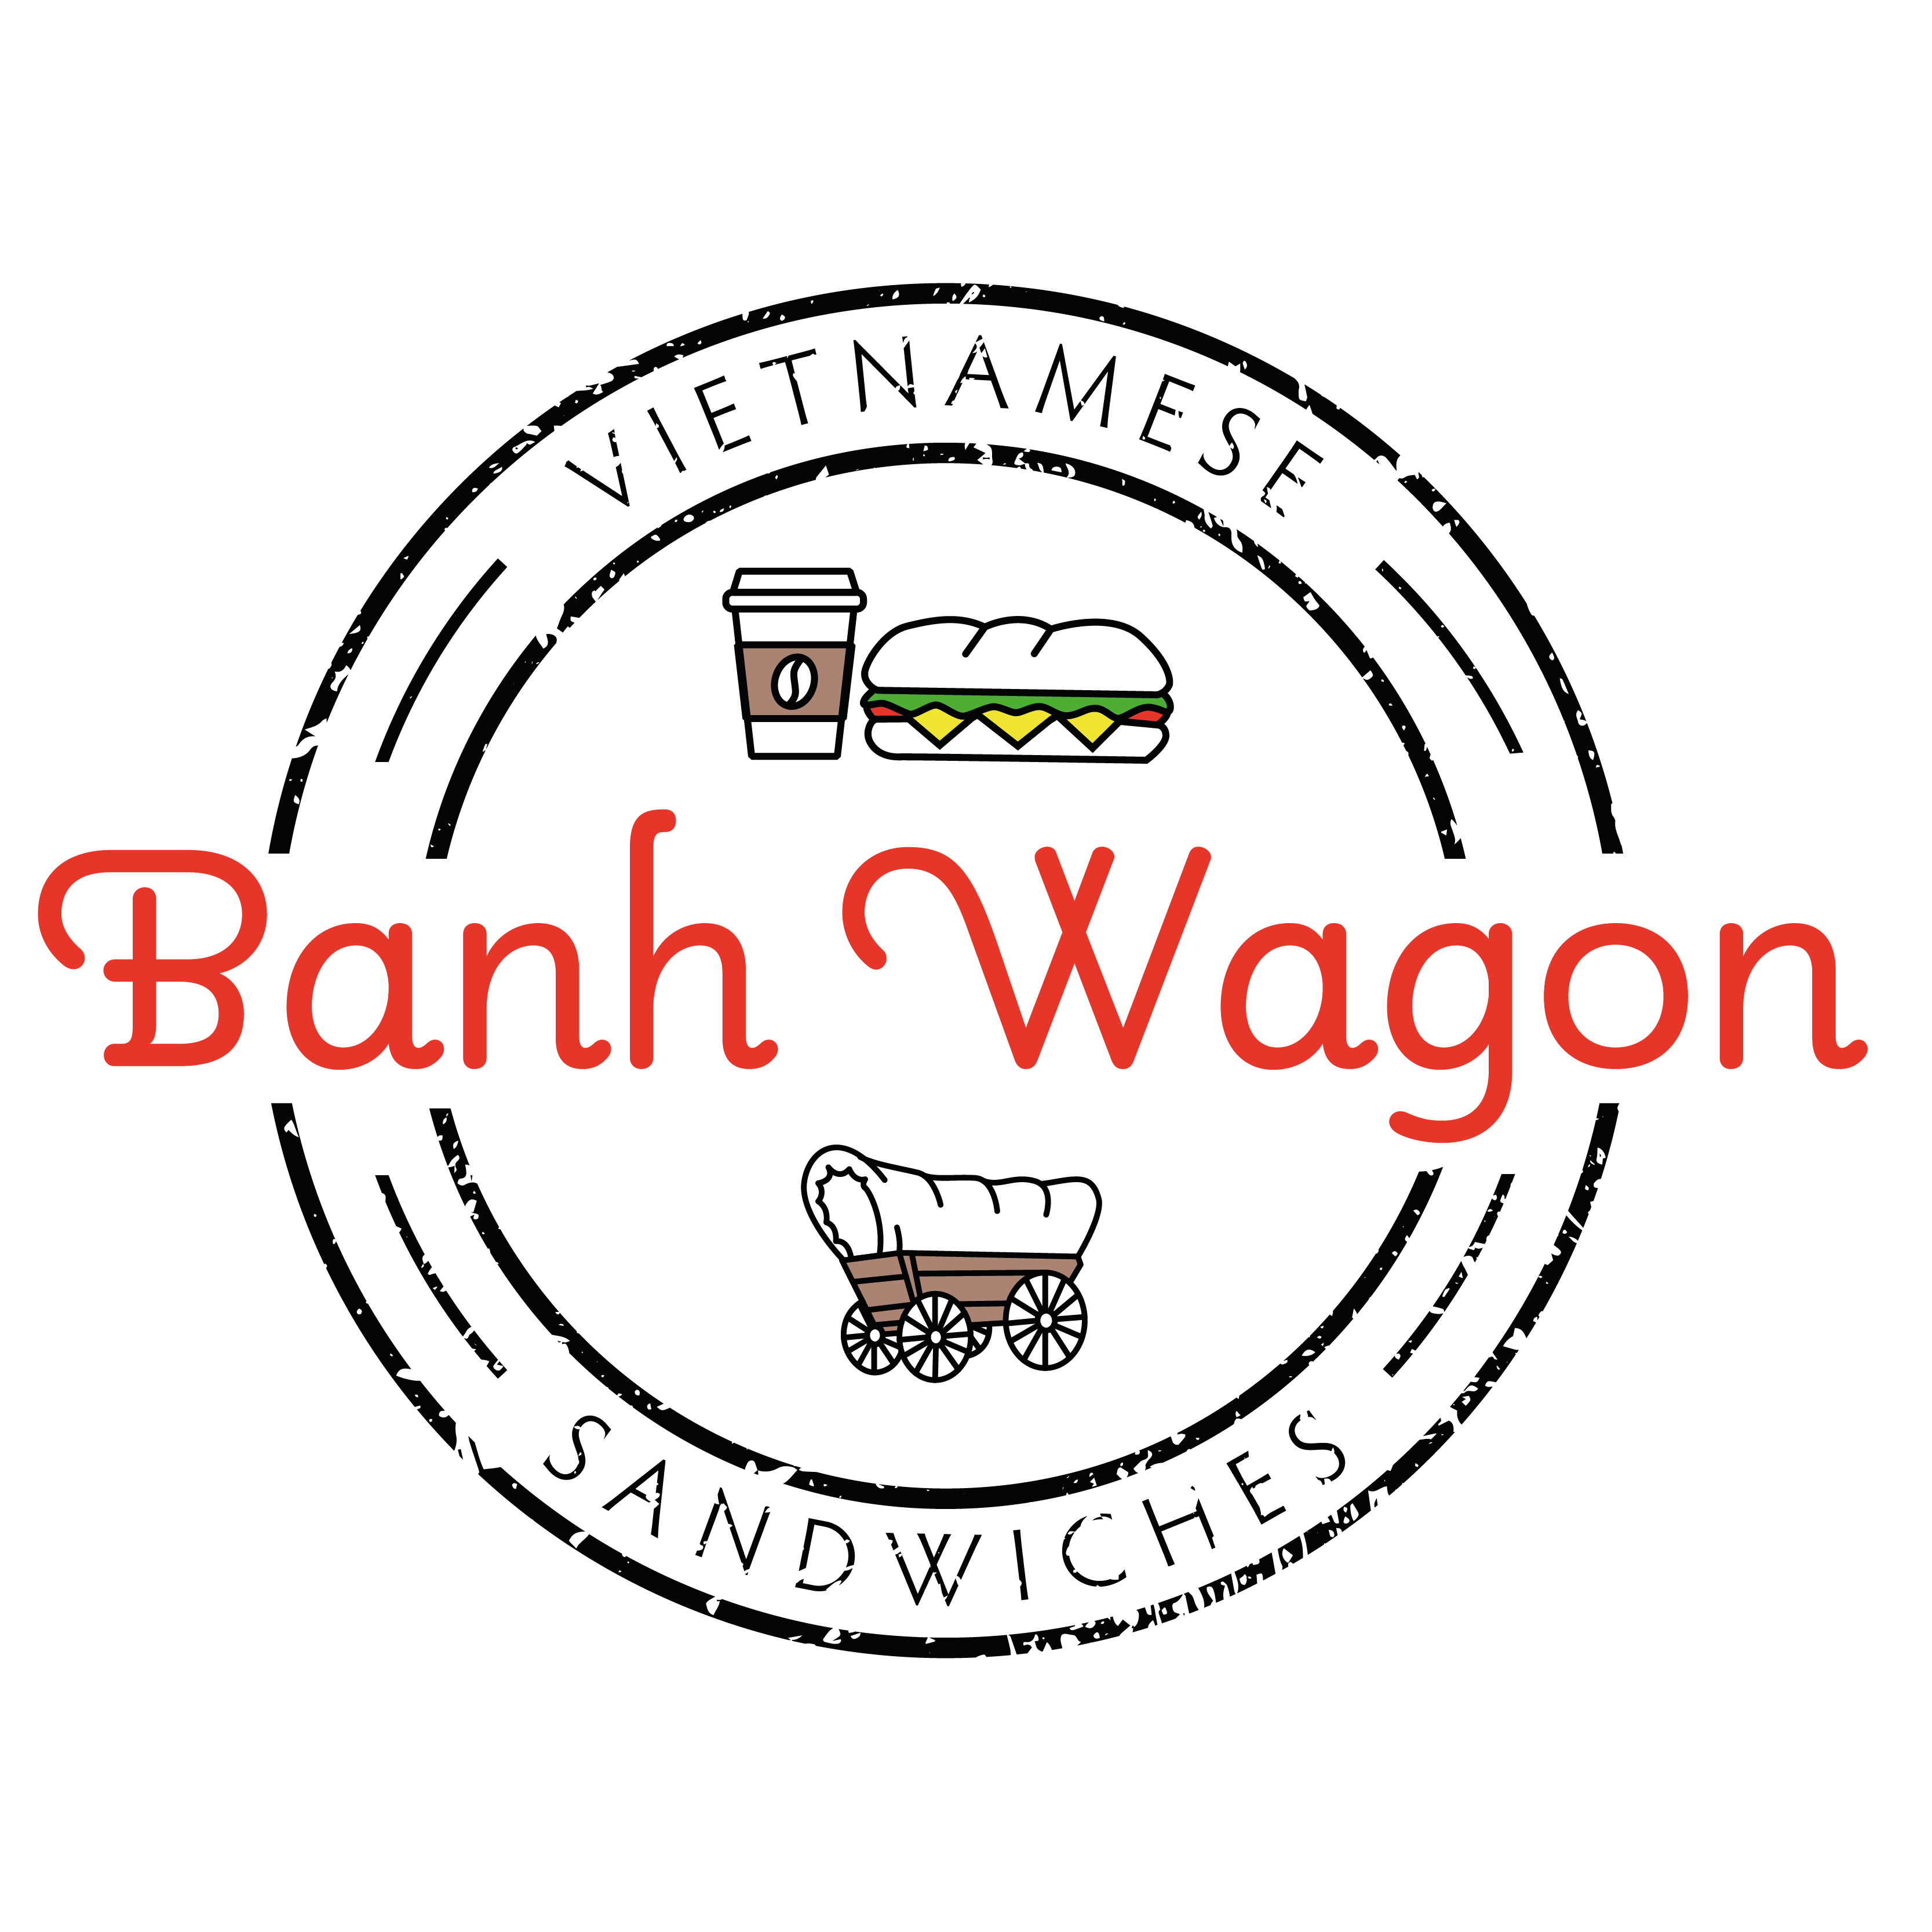 Banh Wagon